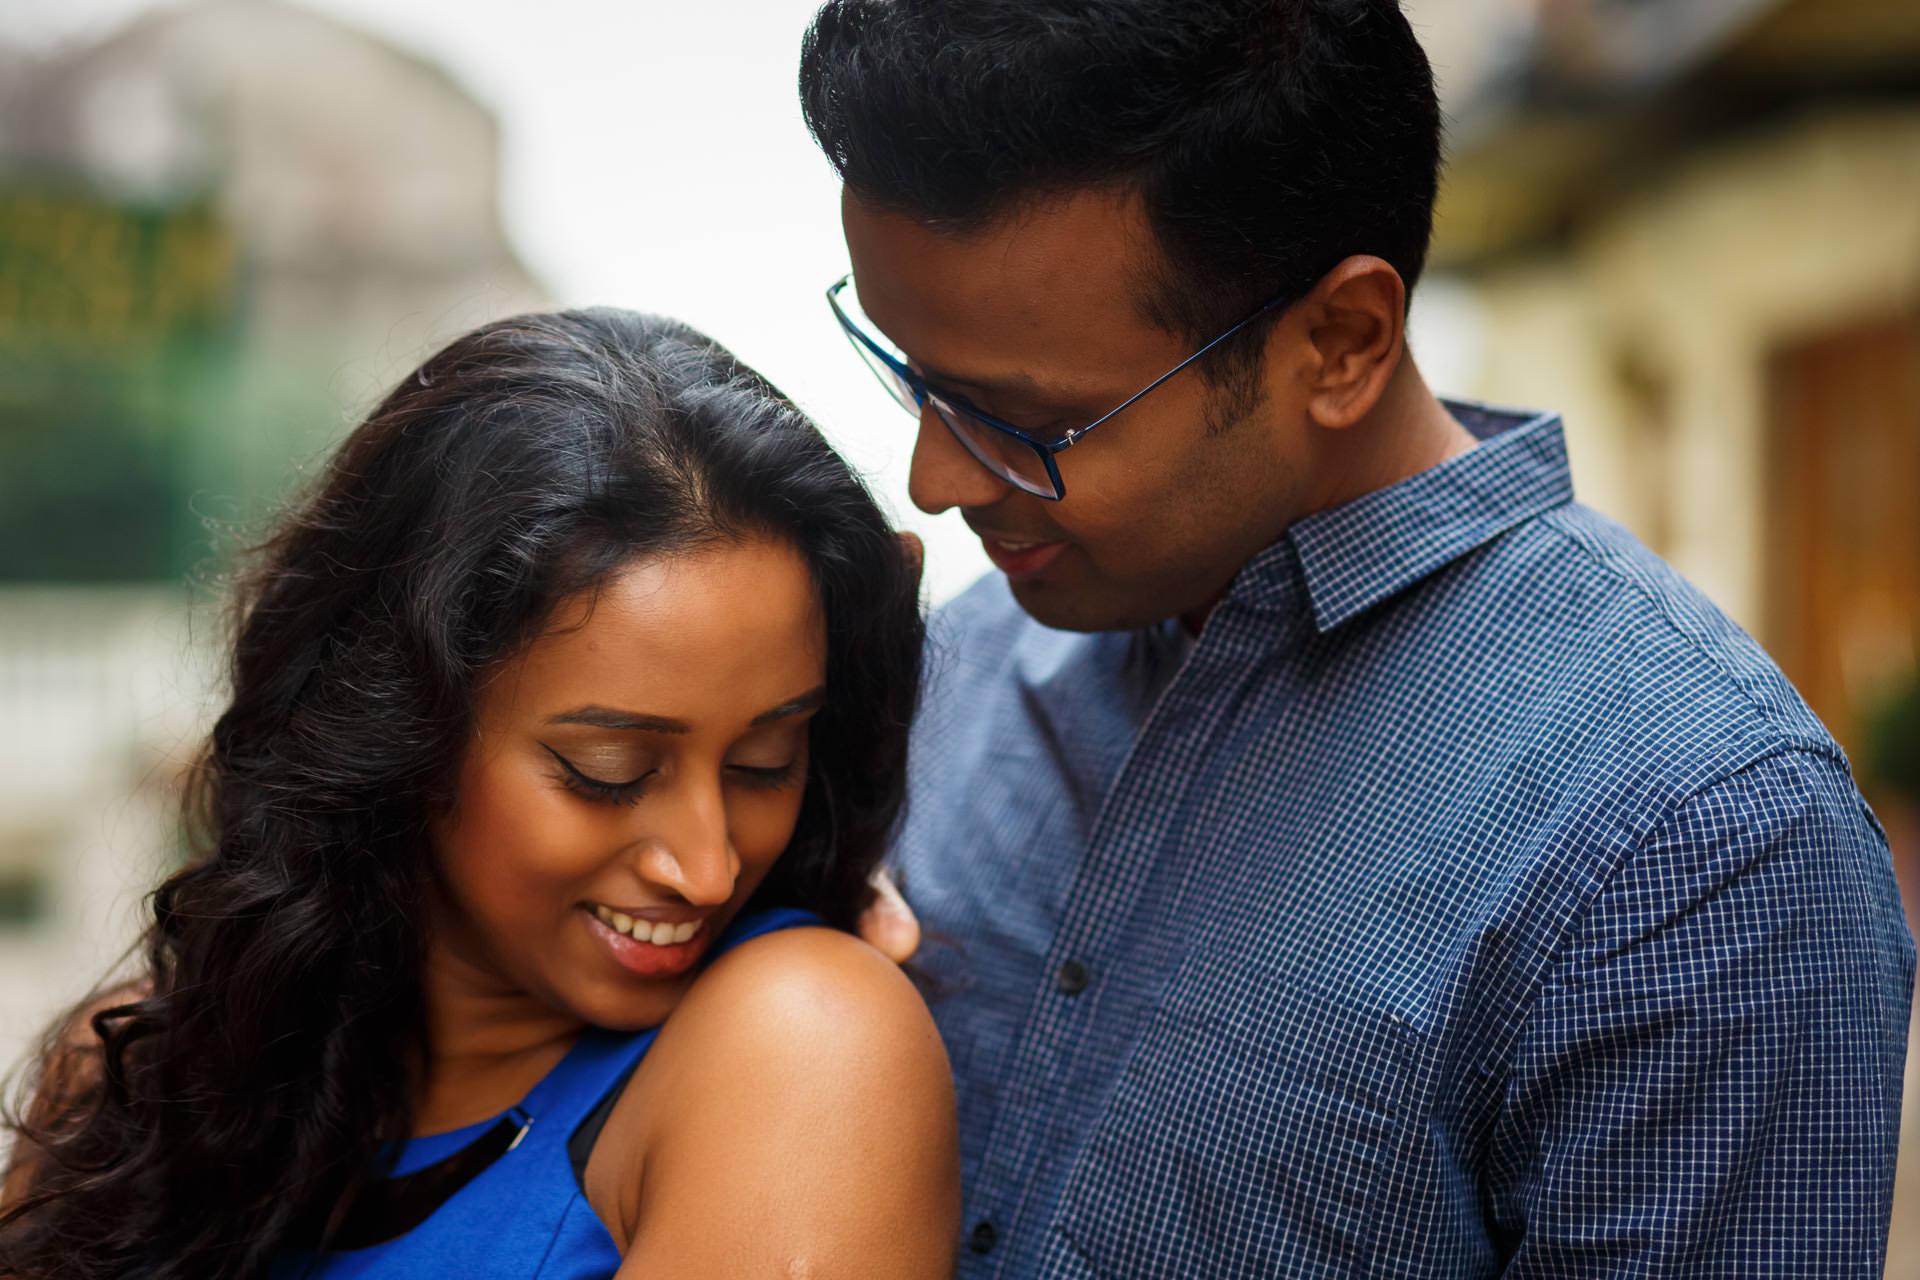 Tamil Photo Session Groom Hugs Bride